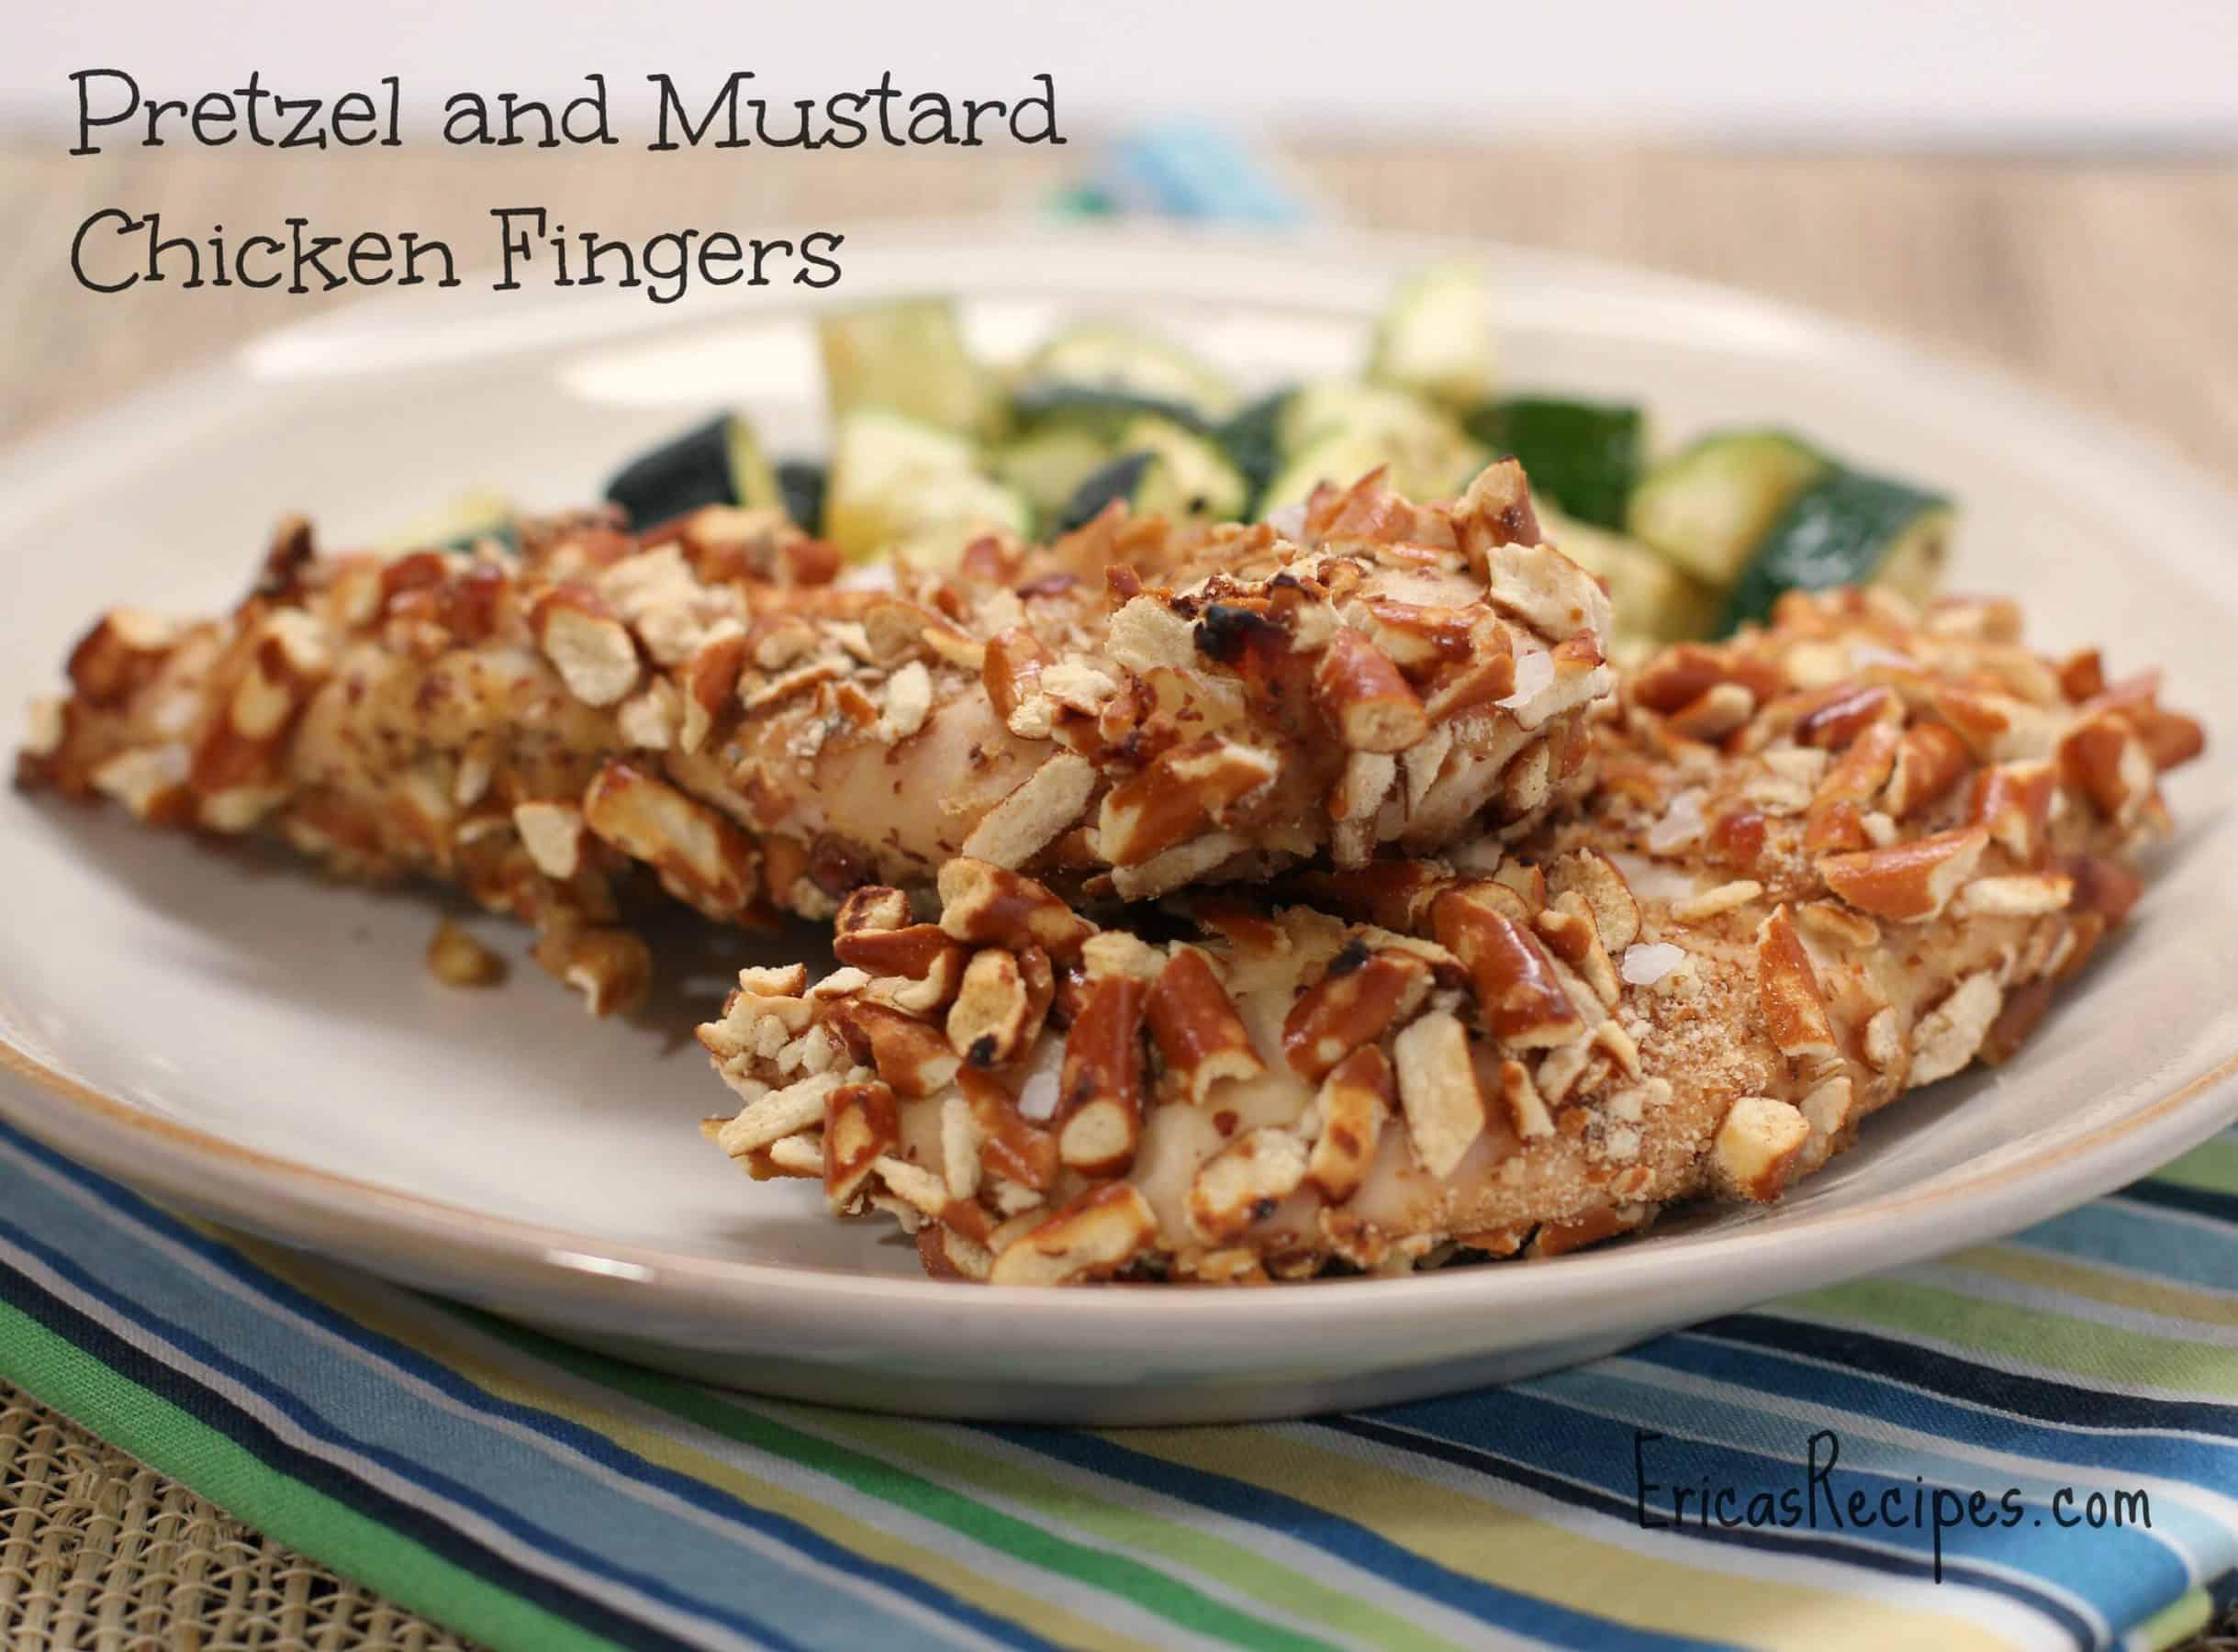 Pretzel and Mustard Chicken Fingers